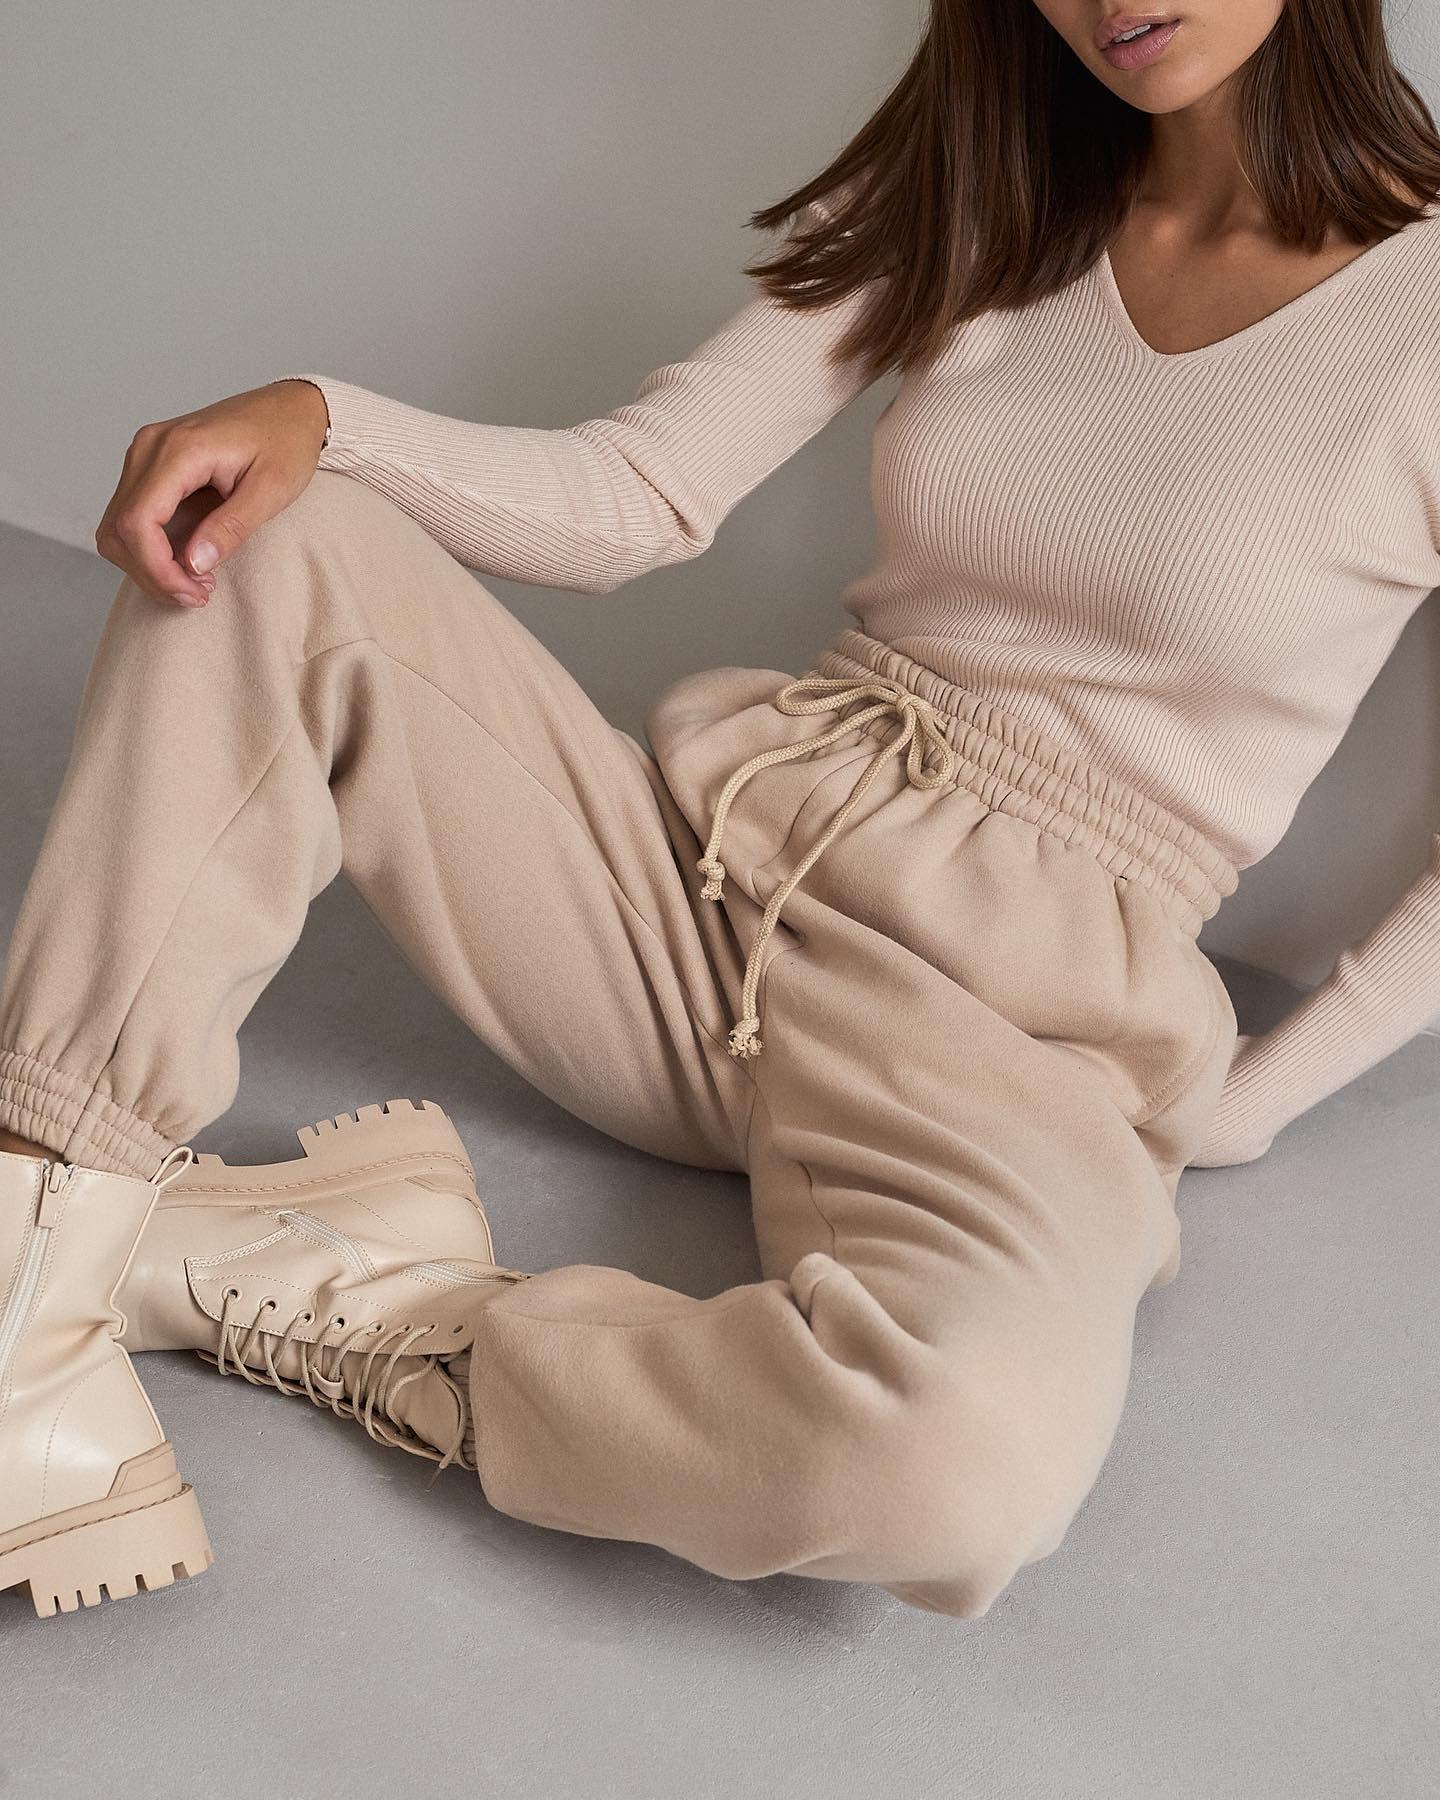 Tepláková móda je stále trendy a preto ti štylové tepláky nemôžu chýbať v šatníku 😉✌🏻 Tieto sú dokonca teplejšie, takže ich môžeš nosiť aj do chladnejšieho počasia 🥶